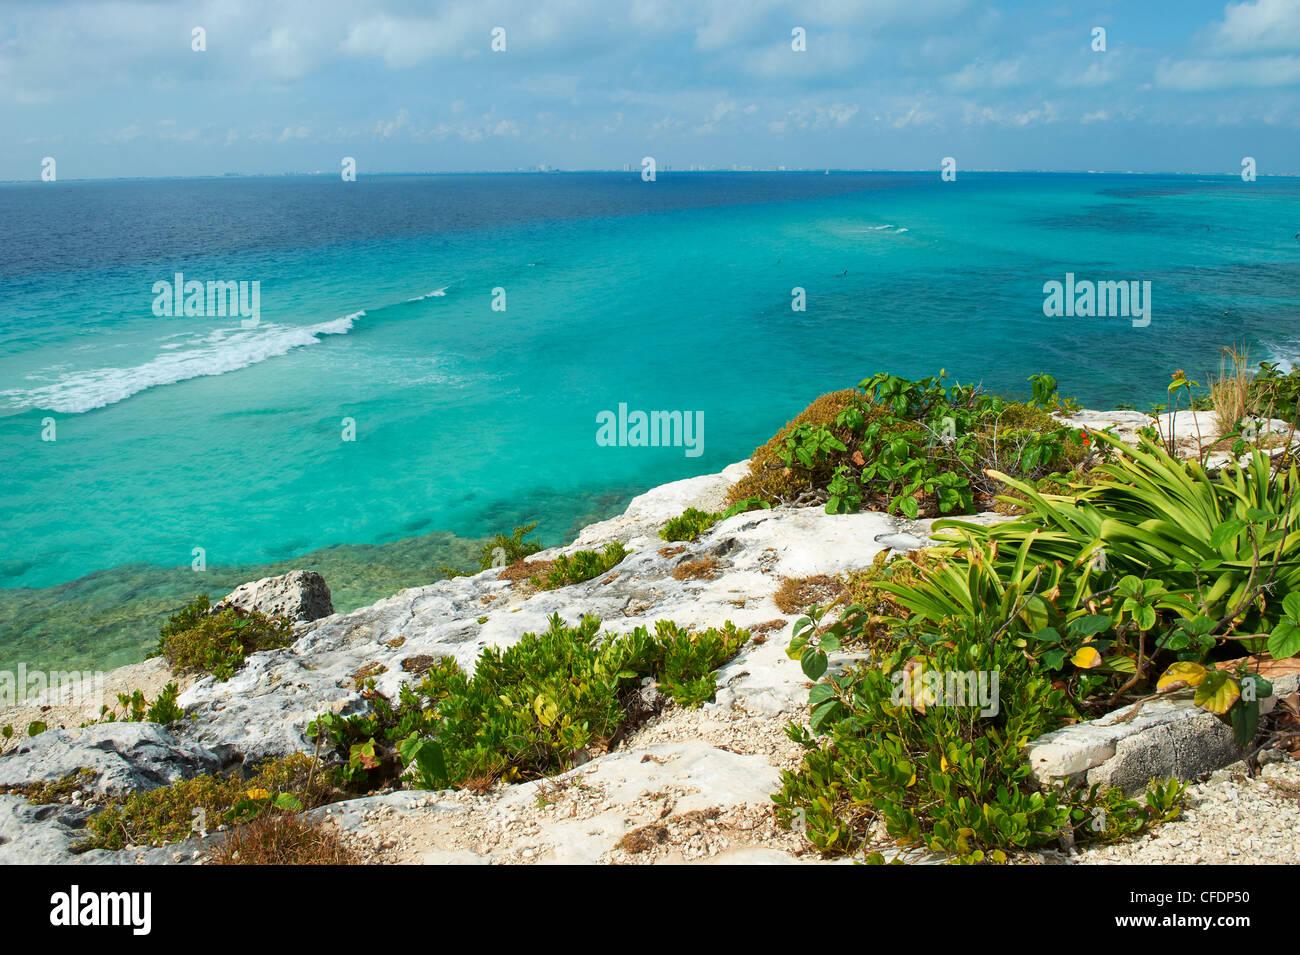 South point, Isla Mujeres Island, Riviera Maya, Quintana Roo, Mexico, - Stock Image